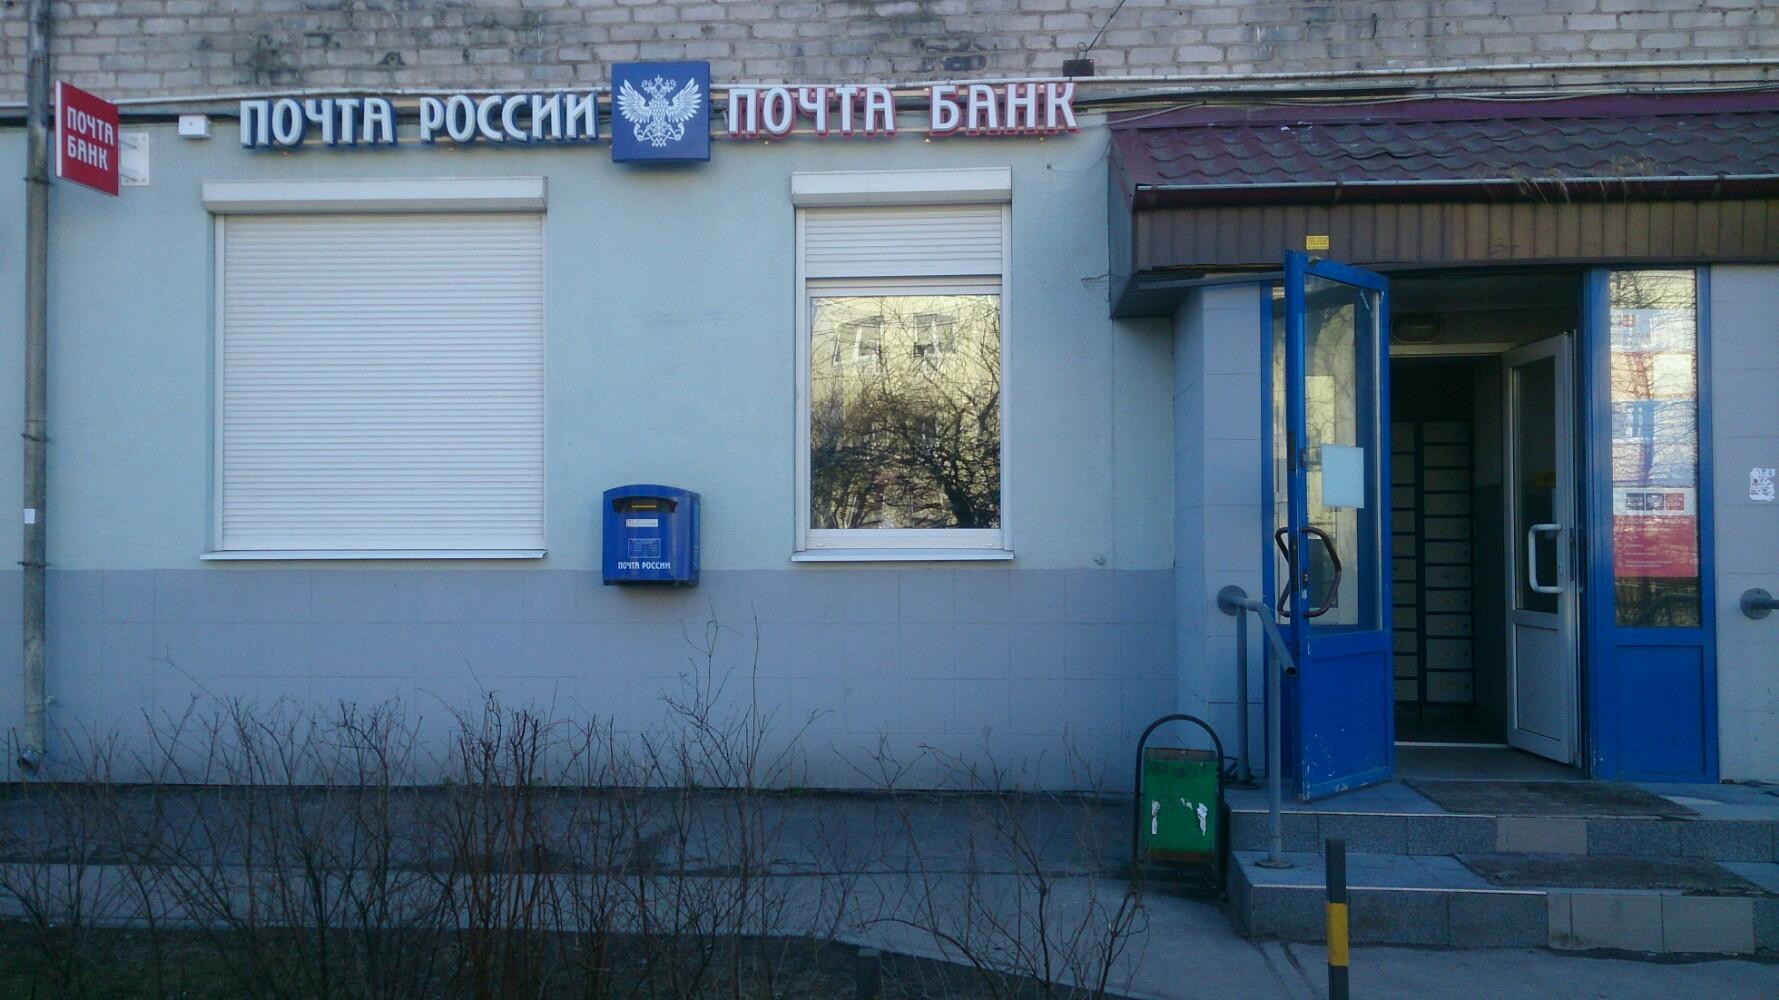 калининград почта россии